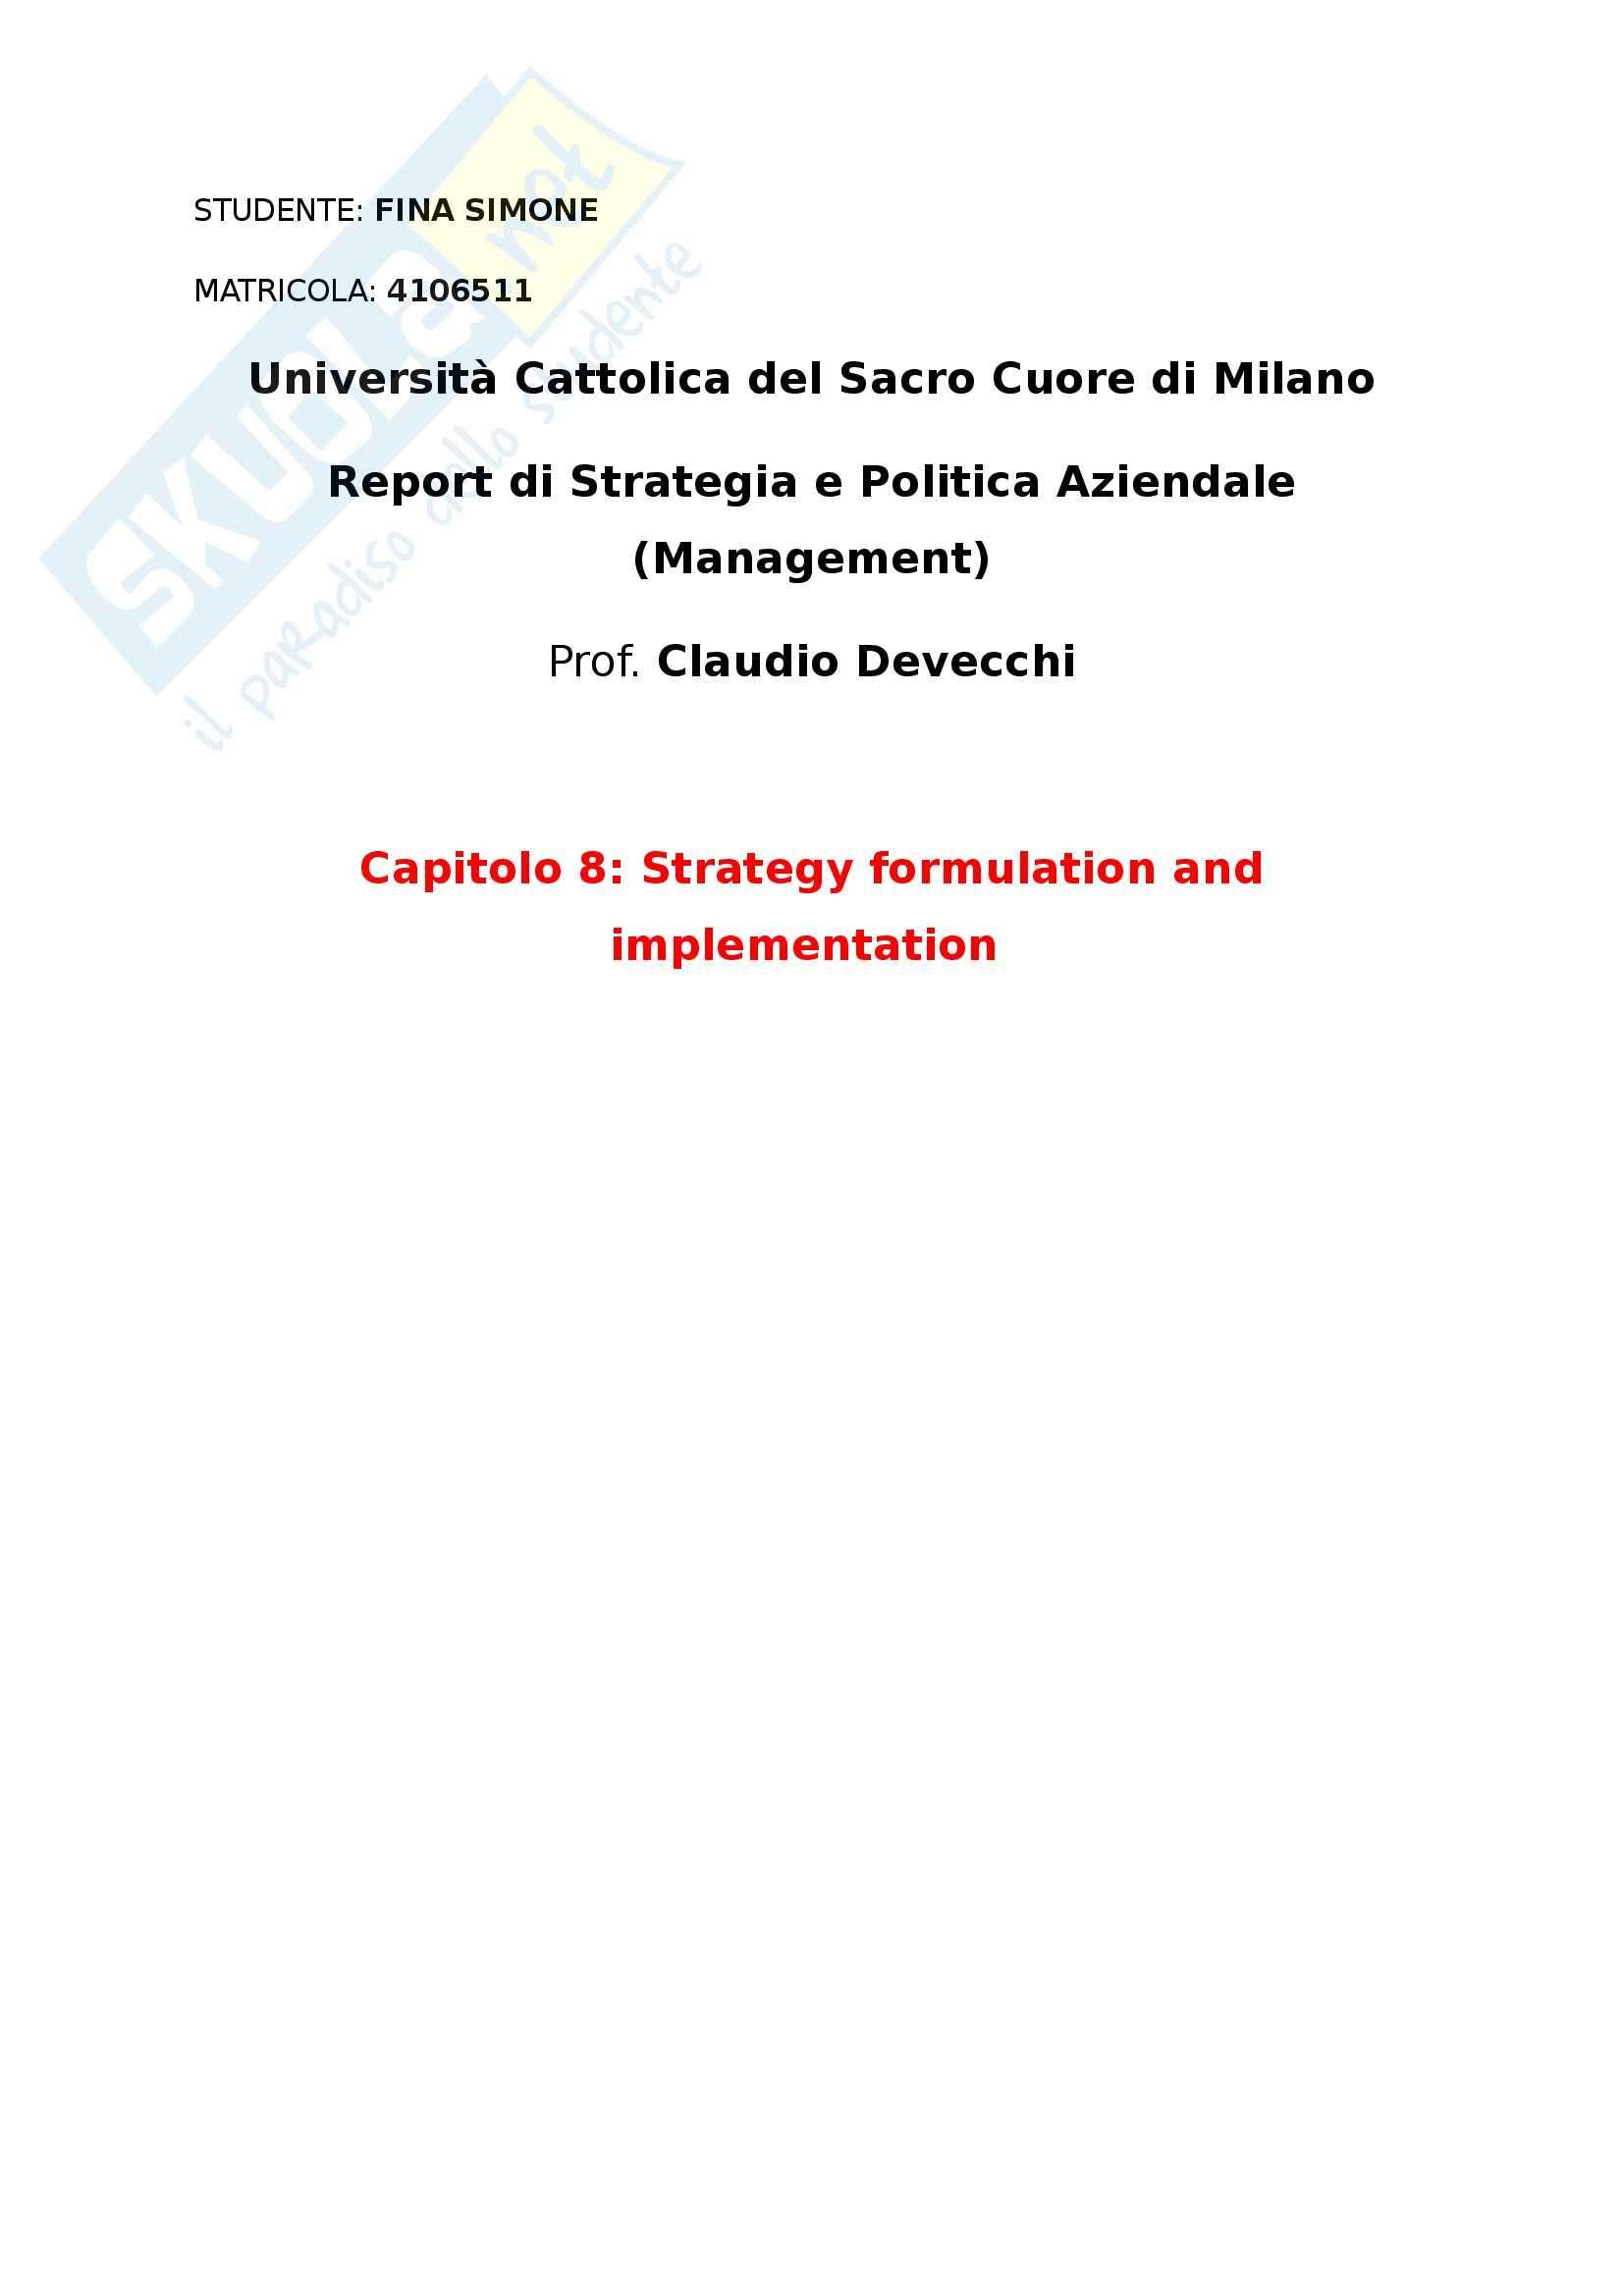 Riassunto esame Strategia e Politica Aziendale, prof. De Vecchi, libro consigliato The New Era of Management Italiano, Daft - cap. 8